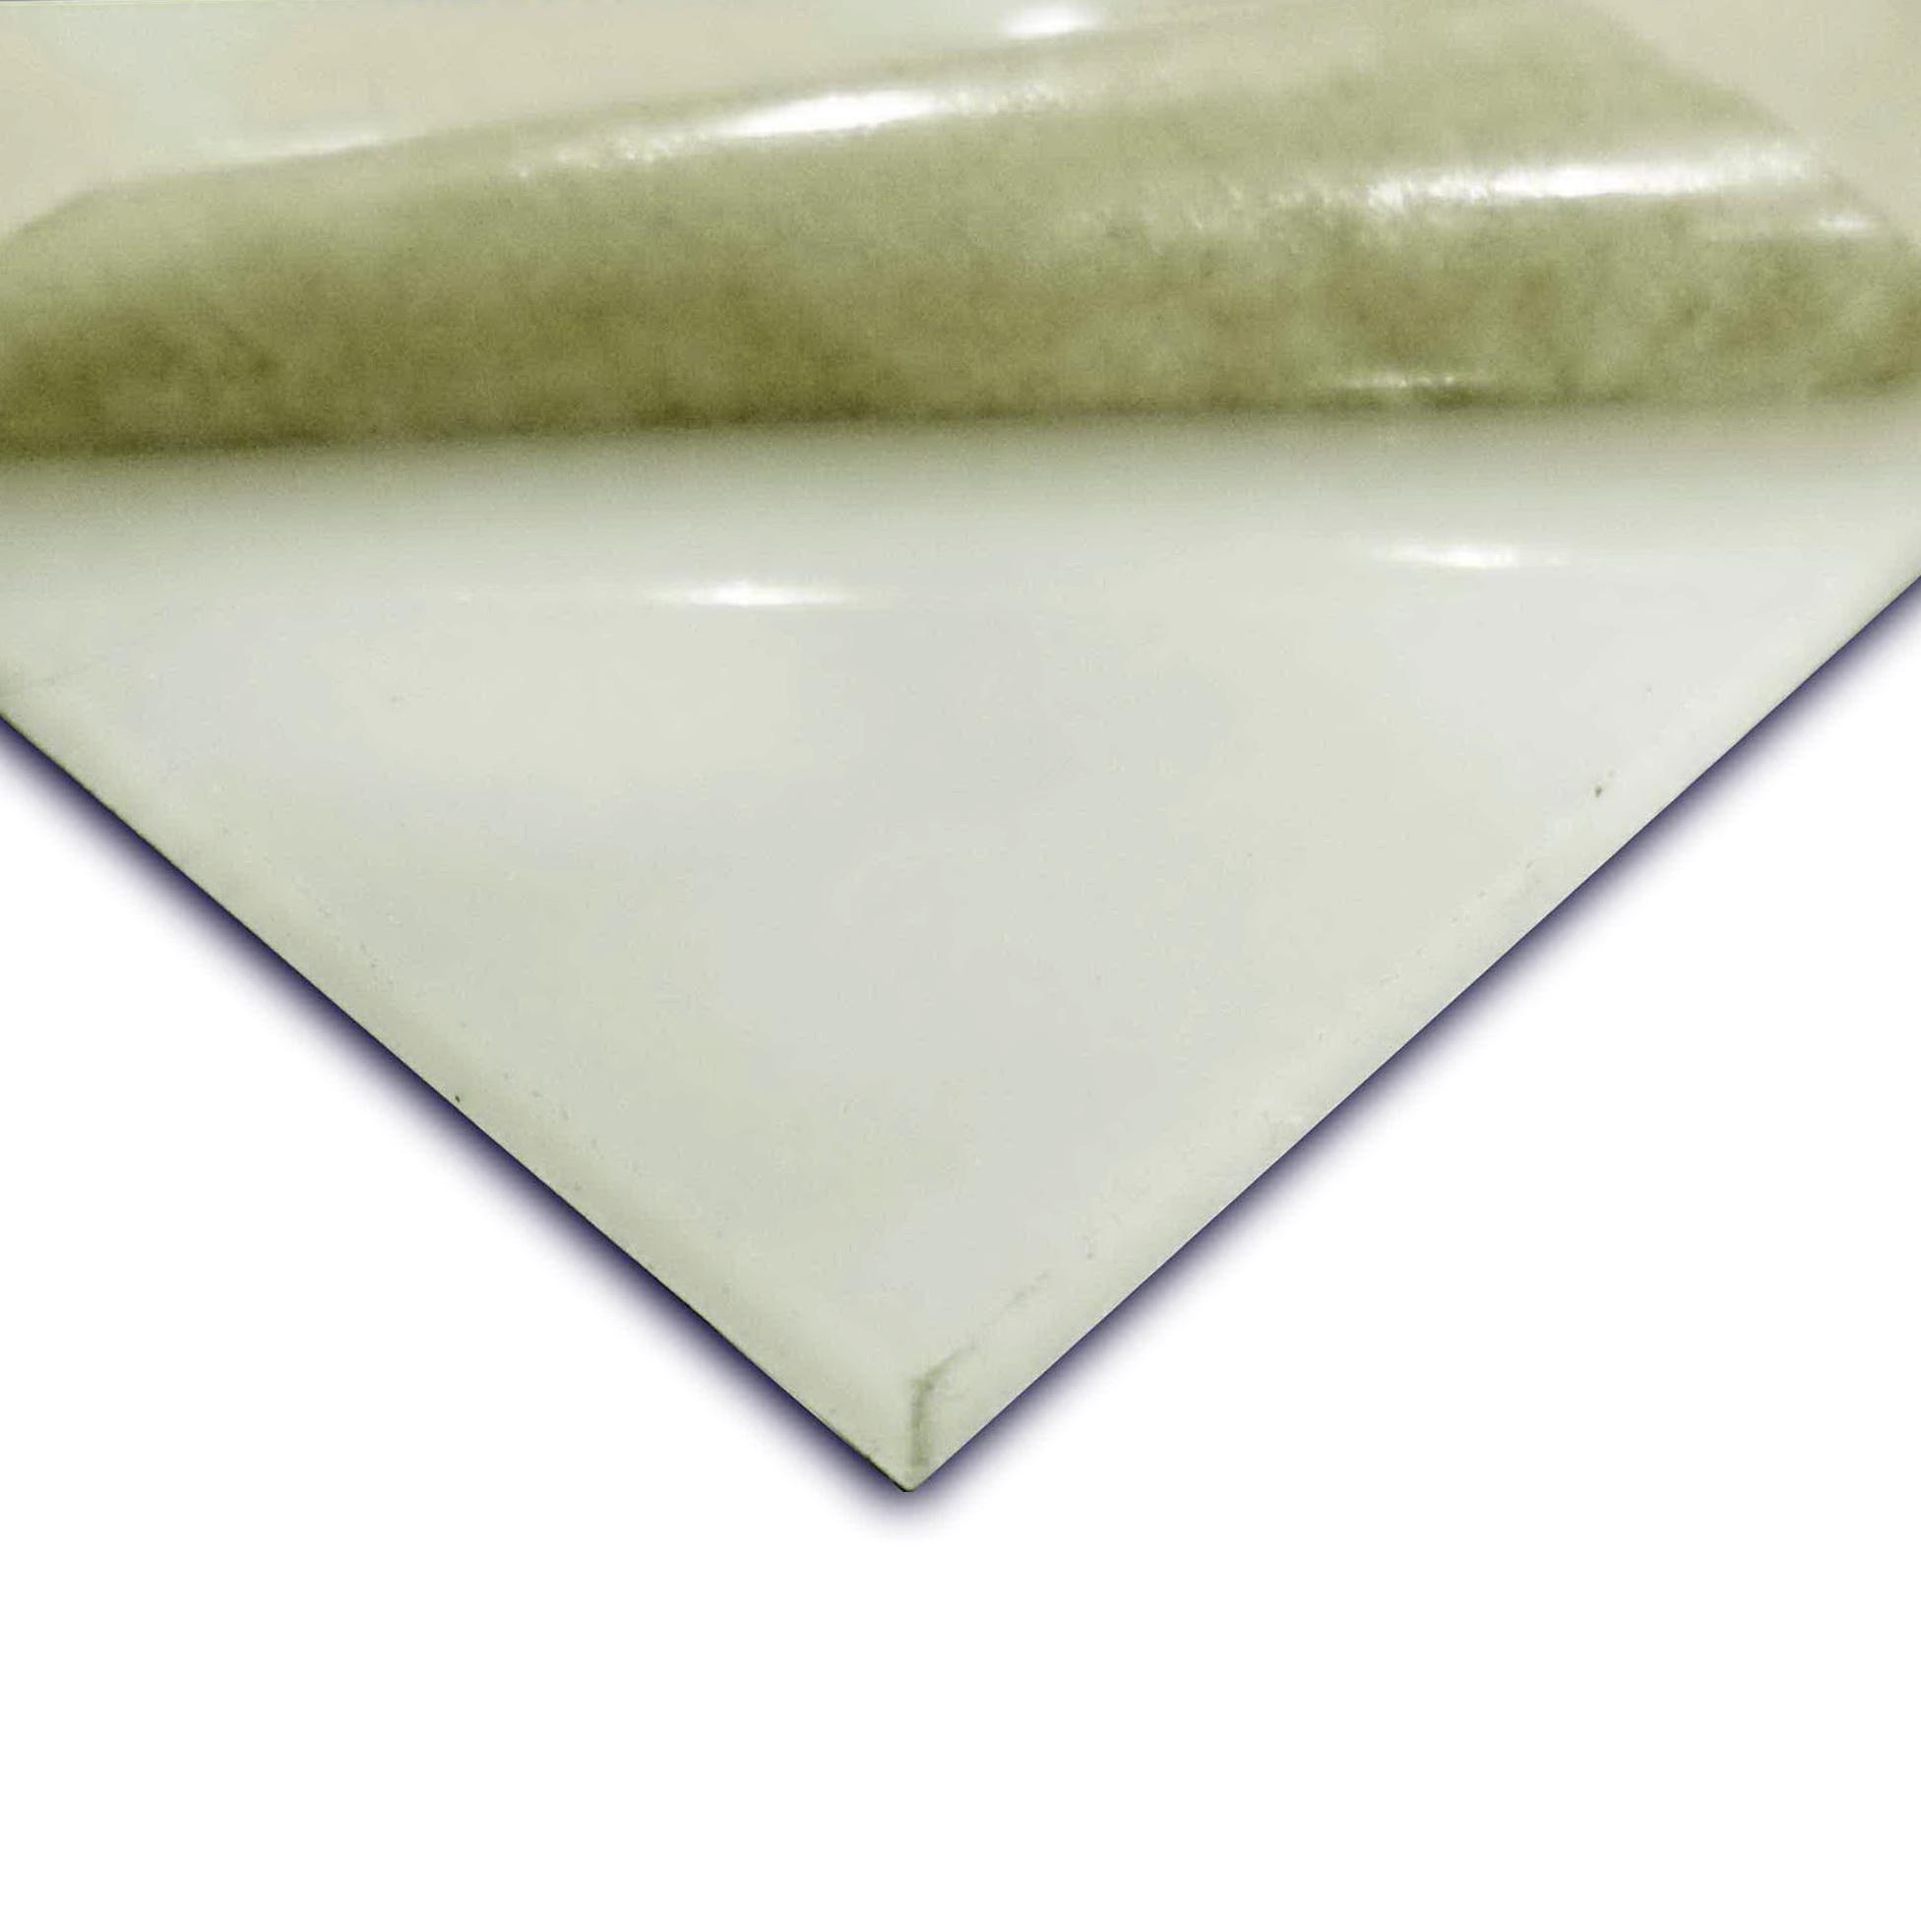 Acrylic Mirror Sheets Ebay Home Design Ideas